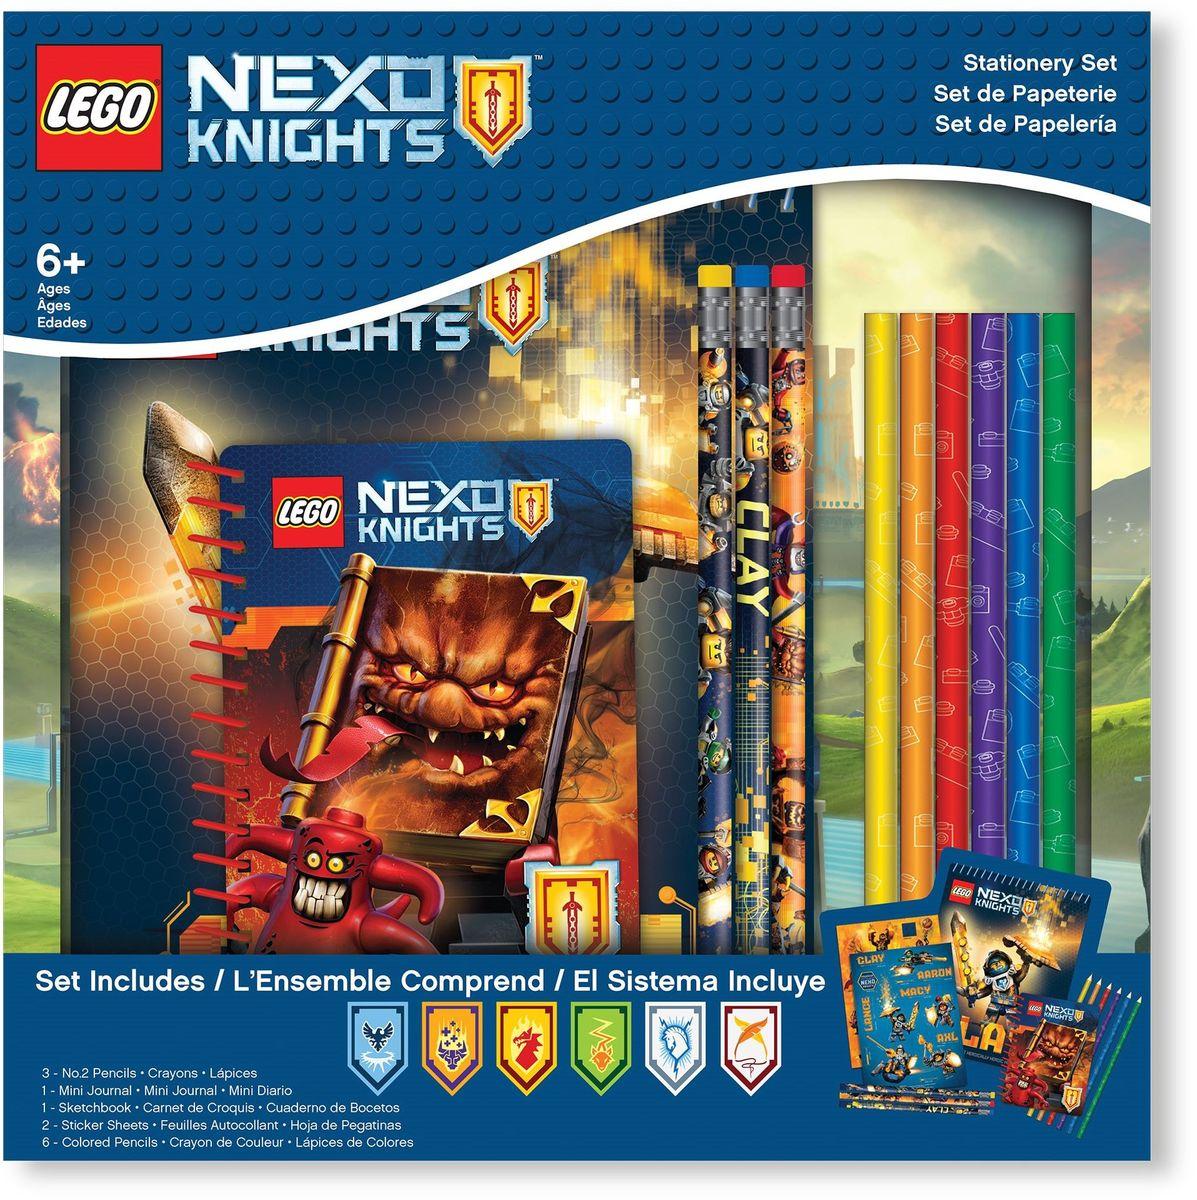 LEGO Nexo Knights Набор канцелярских принадлежностей 13 предметов 5155951559Альбом для рисования на спирали - 1 шт, 60 листов, 17,8х0,5х22,8 см Наклейки - 2 листа, 12,7х17,7 см Карандаши - 3 шт Цветные карандаши - 6 шт Блокнот на спирали - 1 шт, 100 листов, 10х1х13,9 см